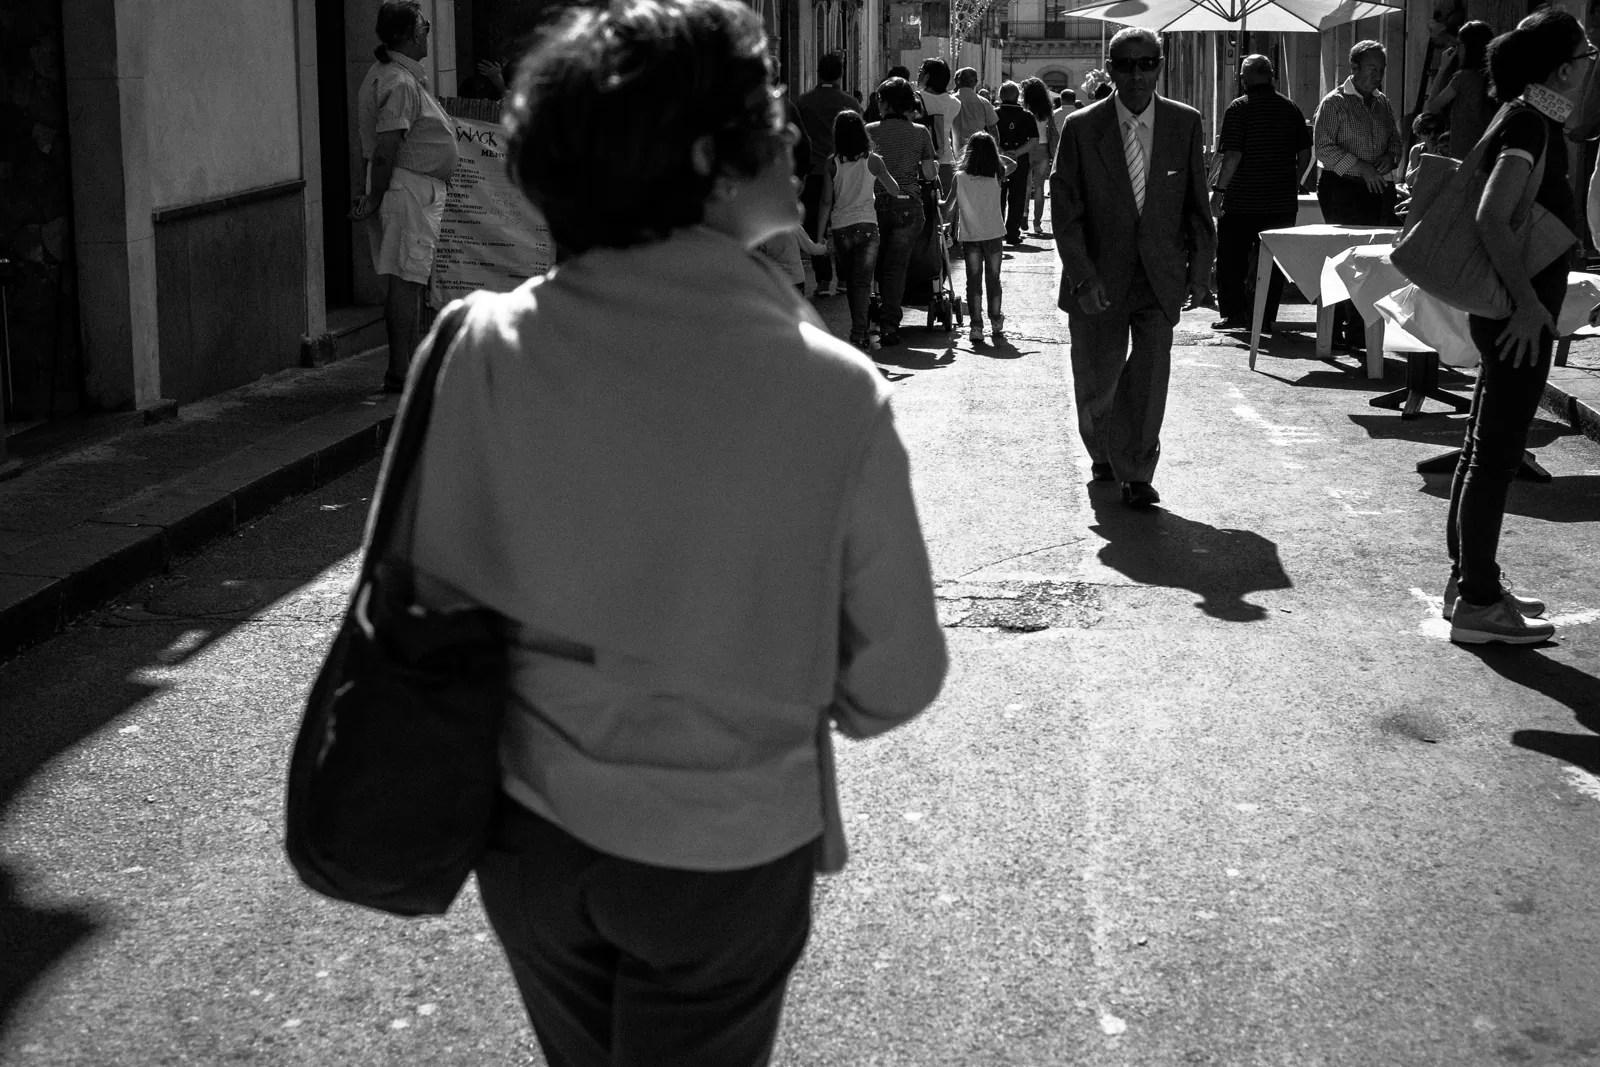 DSCF6016 - Priorità dei tempi e controllo dinamico della luce in street photography - fotostreet.it